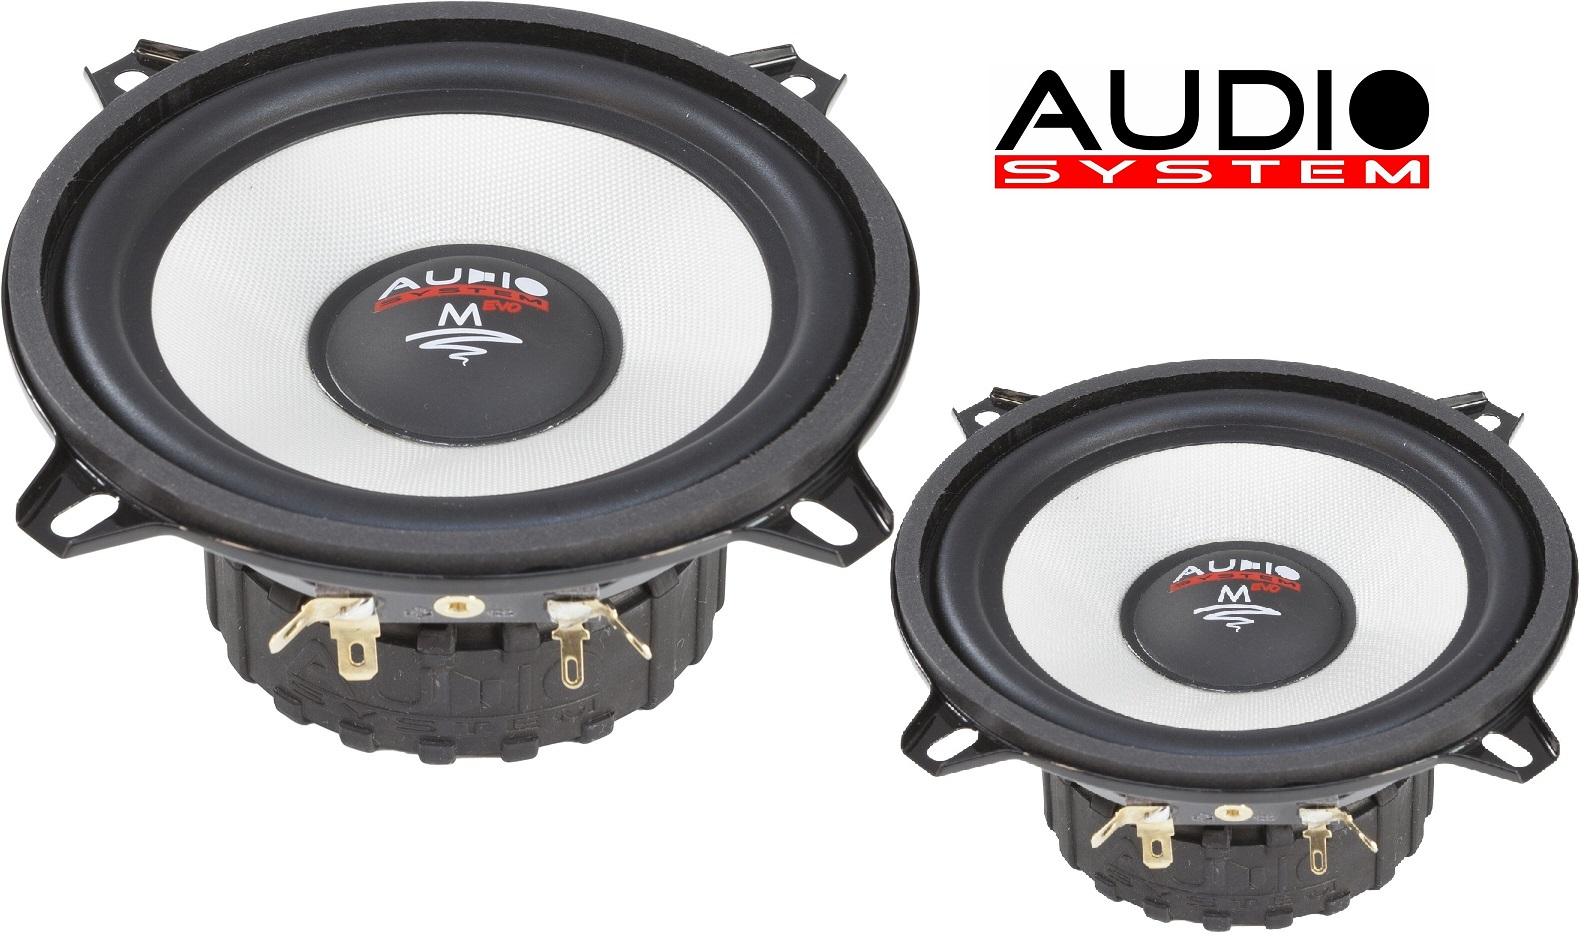 AUDIO SYSTEM MS 130 EVO Tief / Mitteltöner / Midrange Lautsprecher 1 Paar 13cm